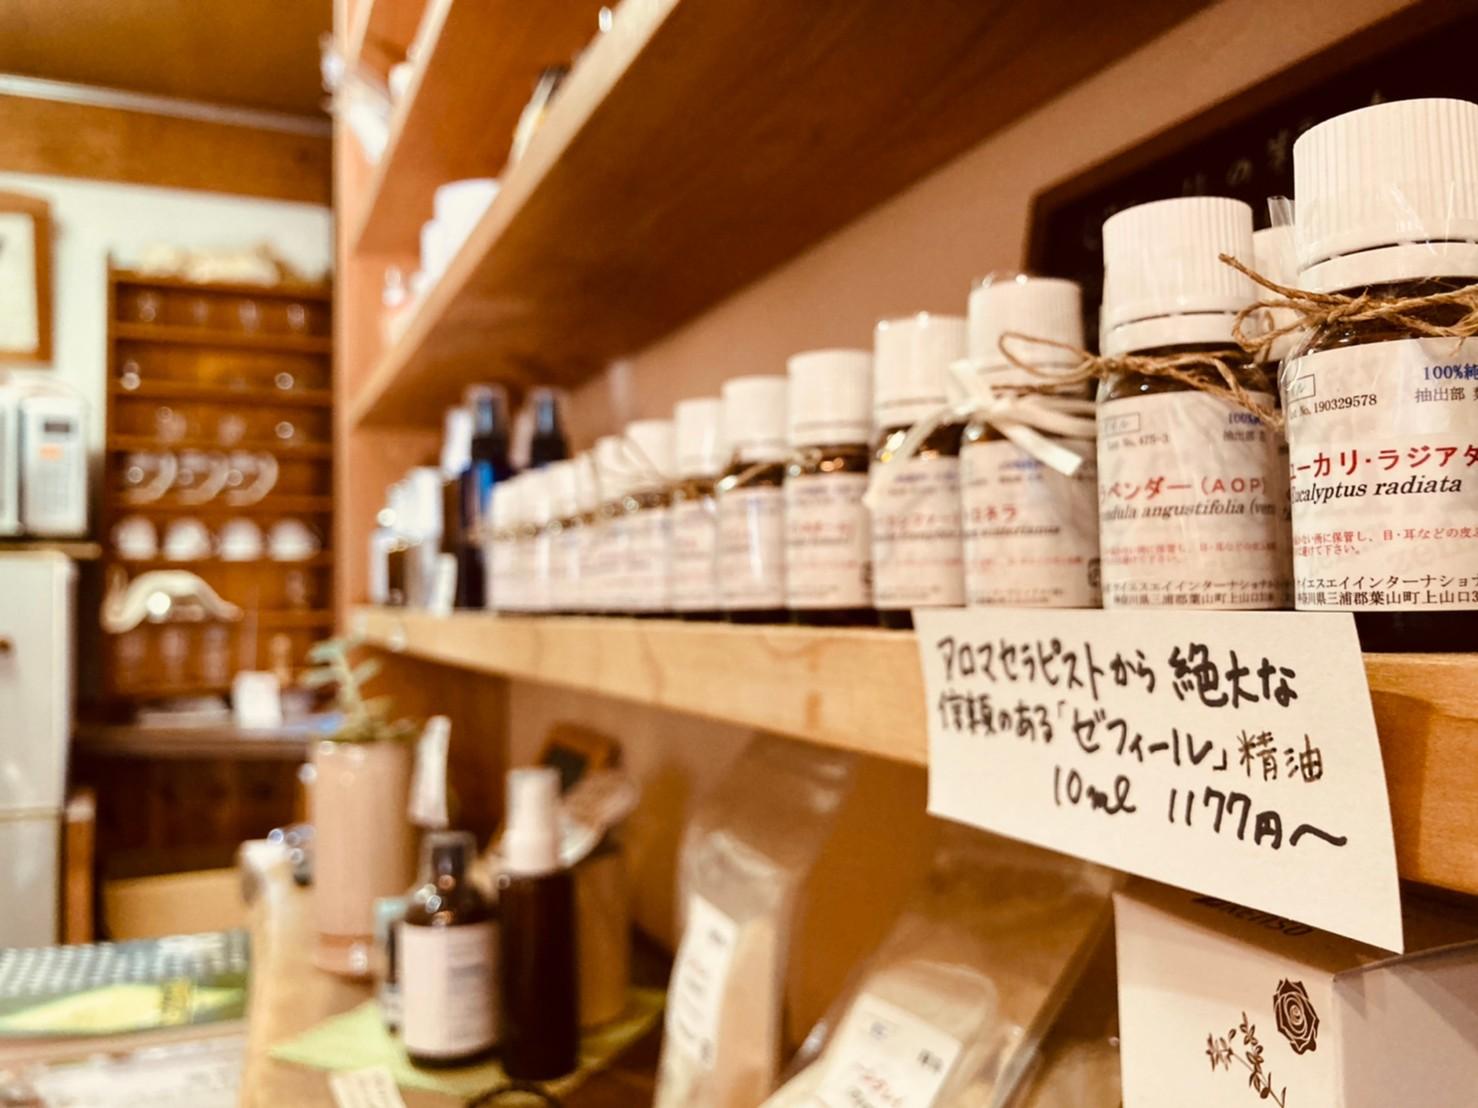 純粋・天然・完全    日本屈指のアロマセラピストが選ぶ【zefir 精油】の魅力